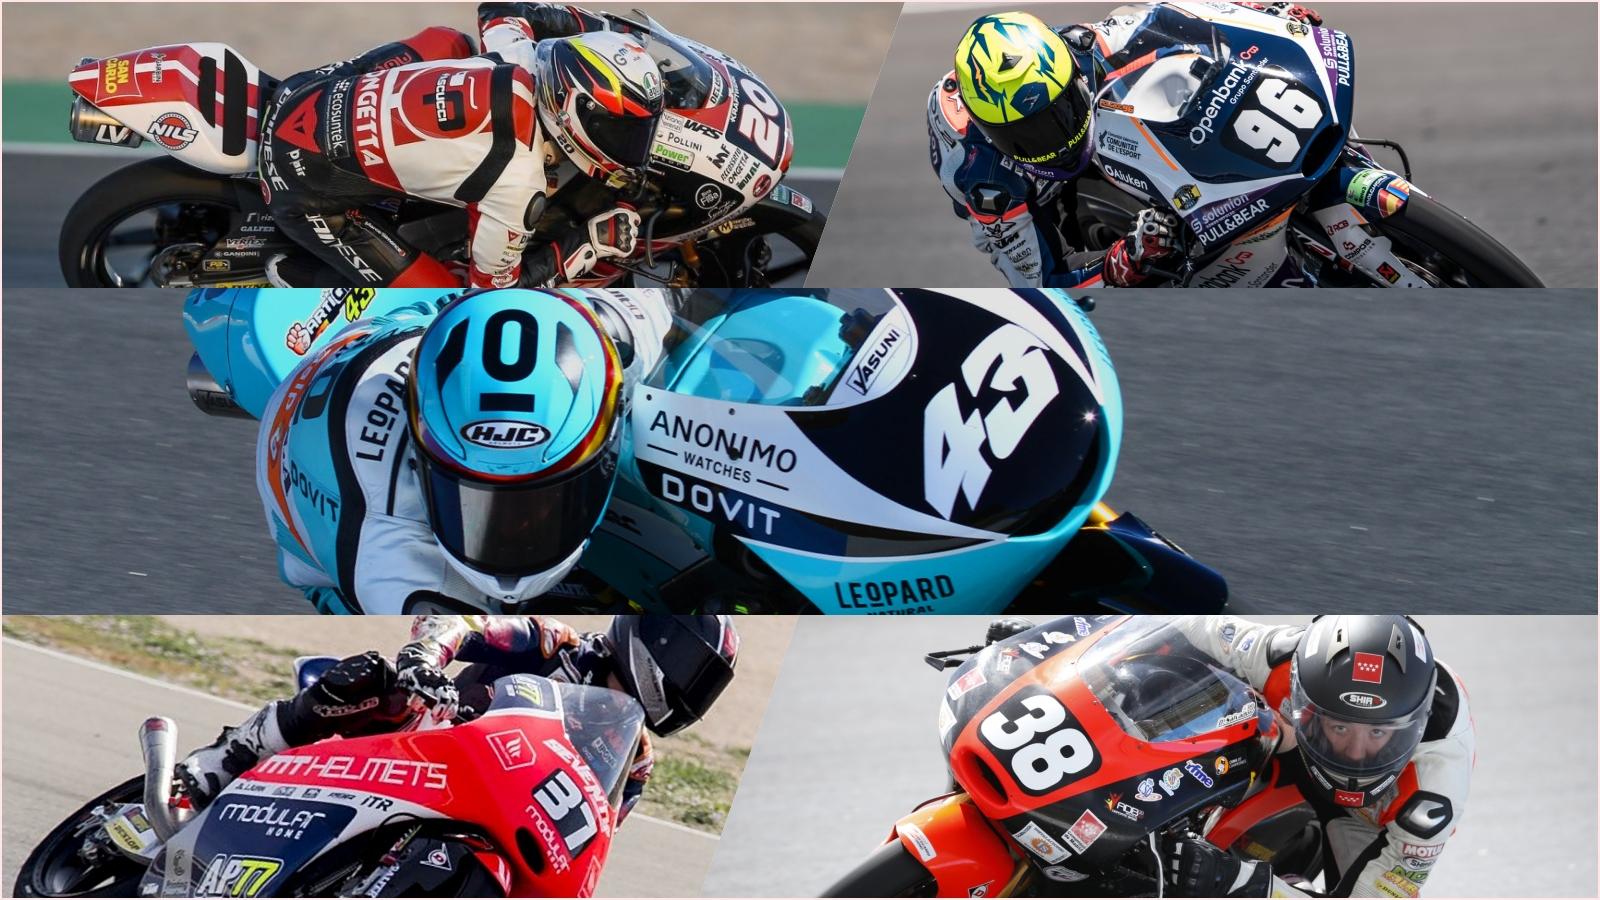 Mundial Junior Moto3 2020: pilotos, motos, equipos, calendario, 14 españoles y diez favoritos